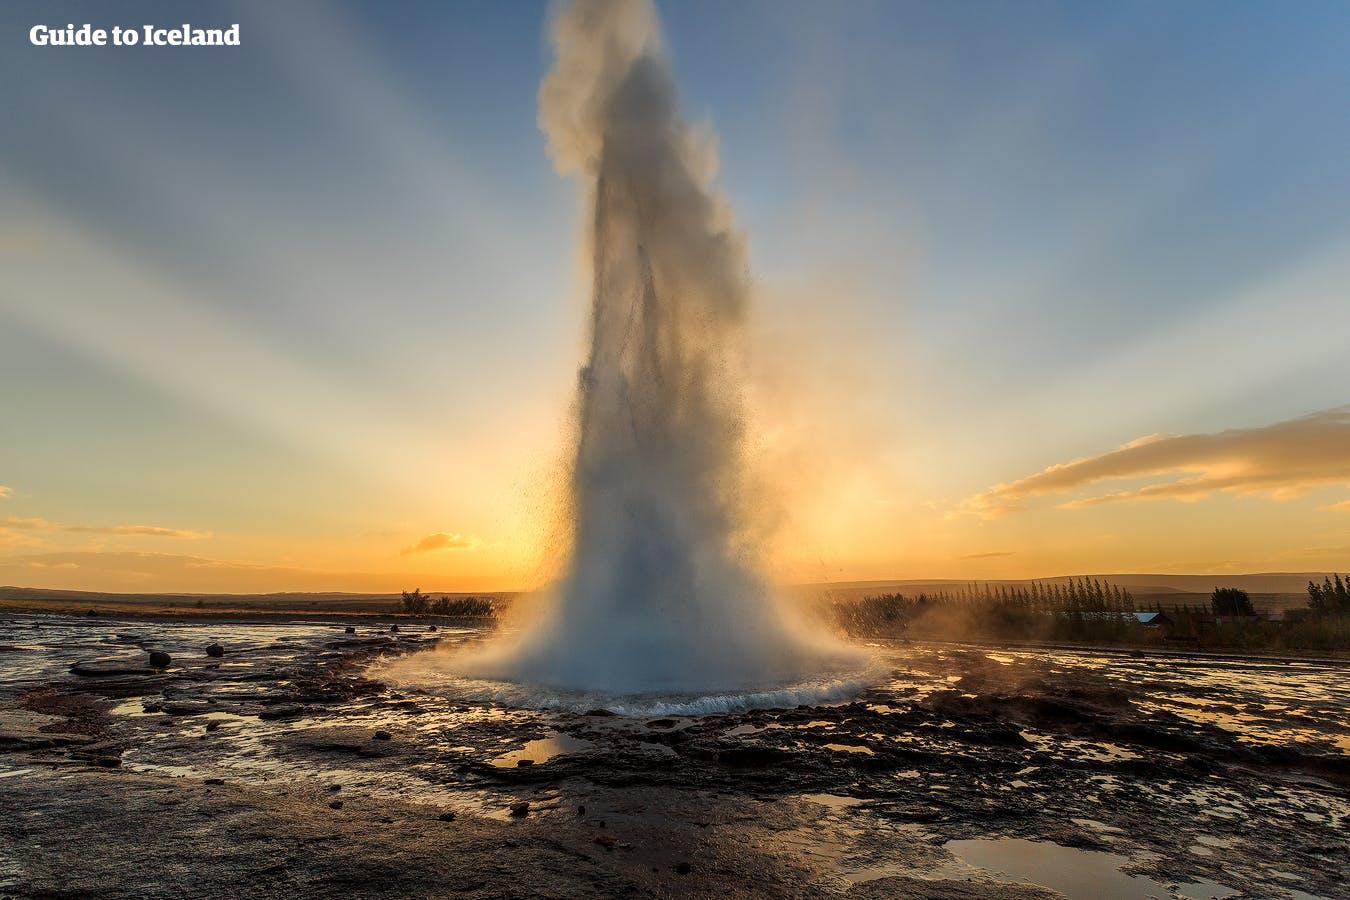 黄金圈是冰岛最受欢迎的旅游景区,Strokkur间歇泉是其中一处著名景点。